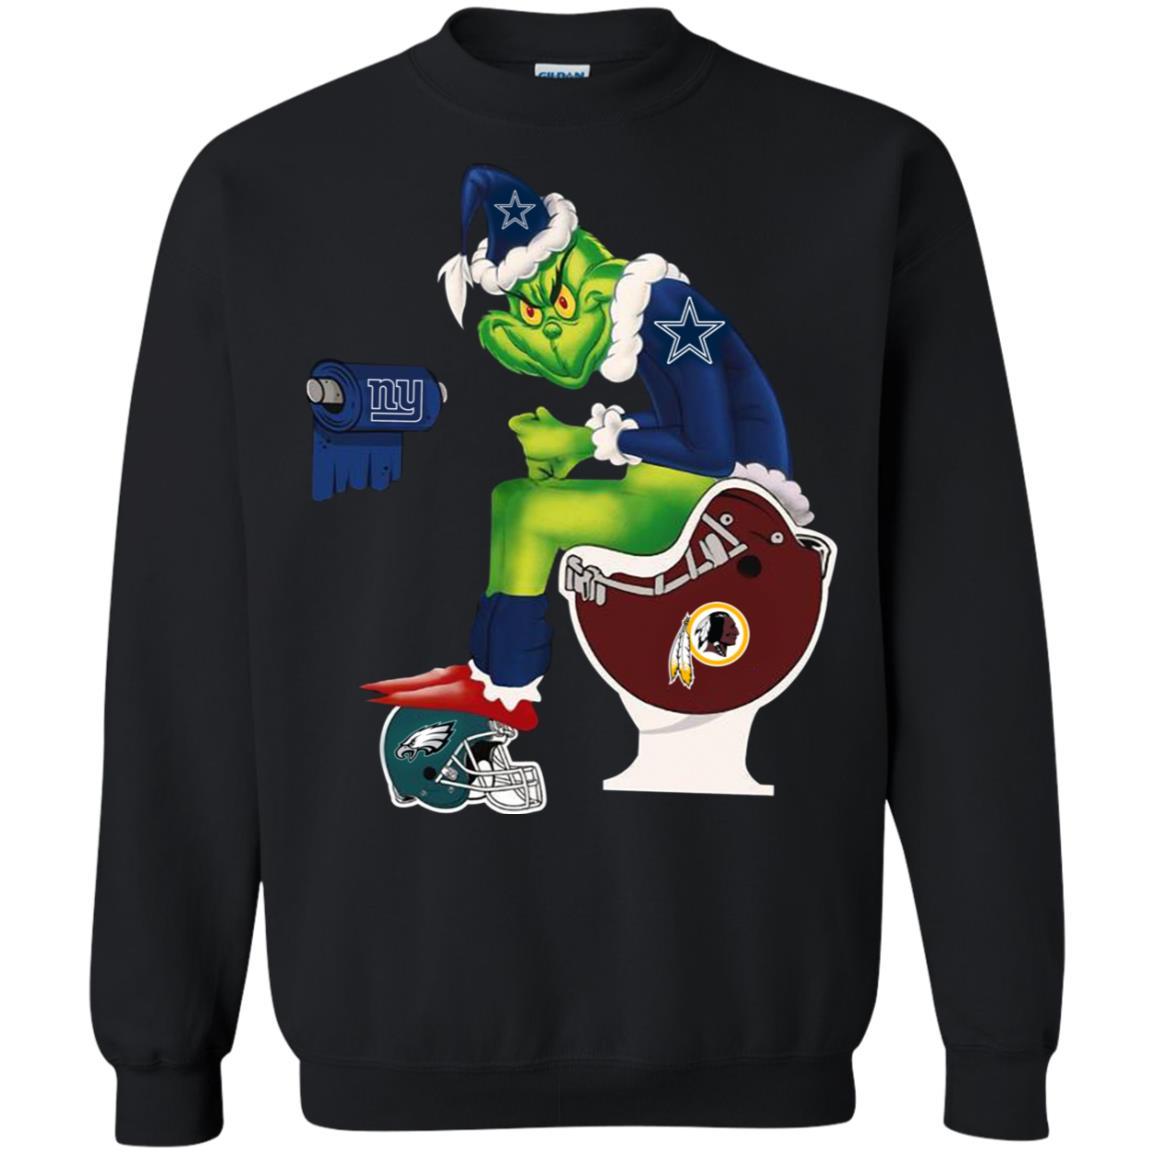 e90504fe3 The Grinch Dallas Cowboys sweatshirt shirt - image 4648 510x510